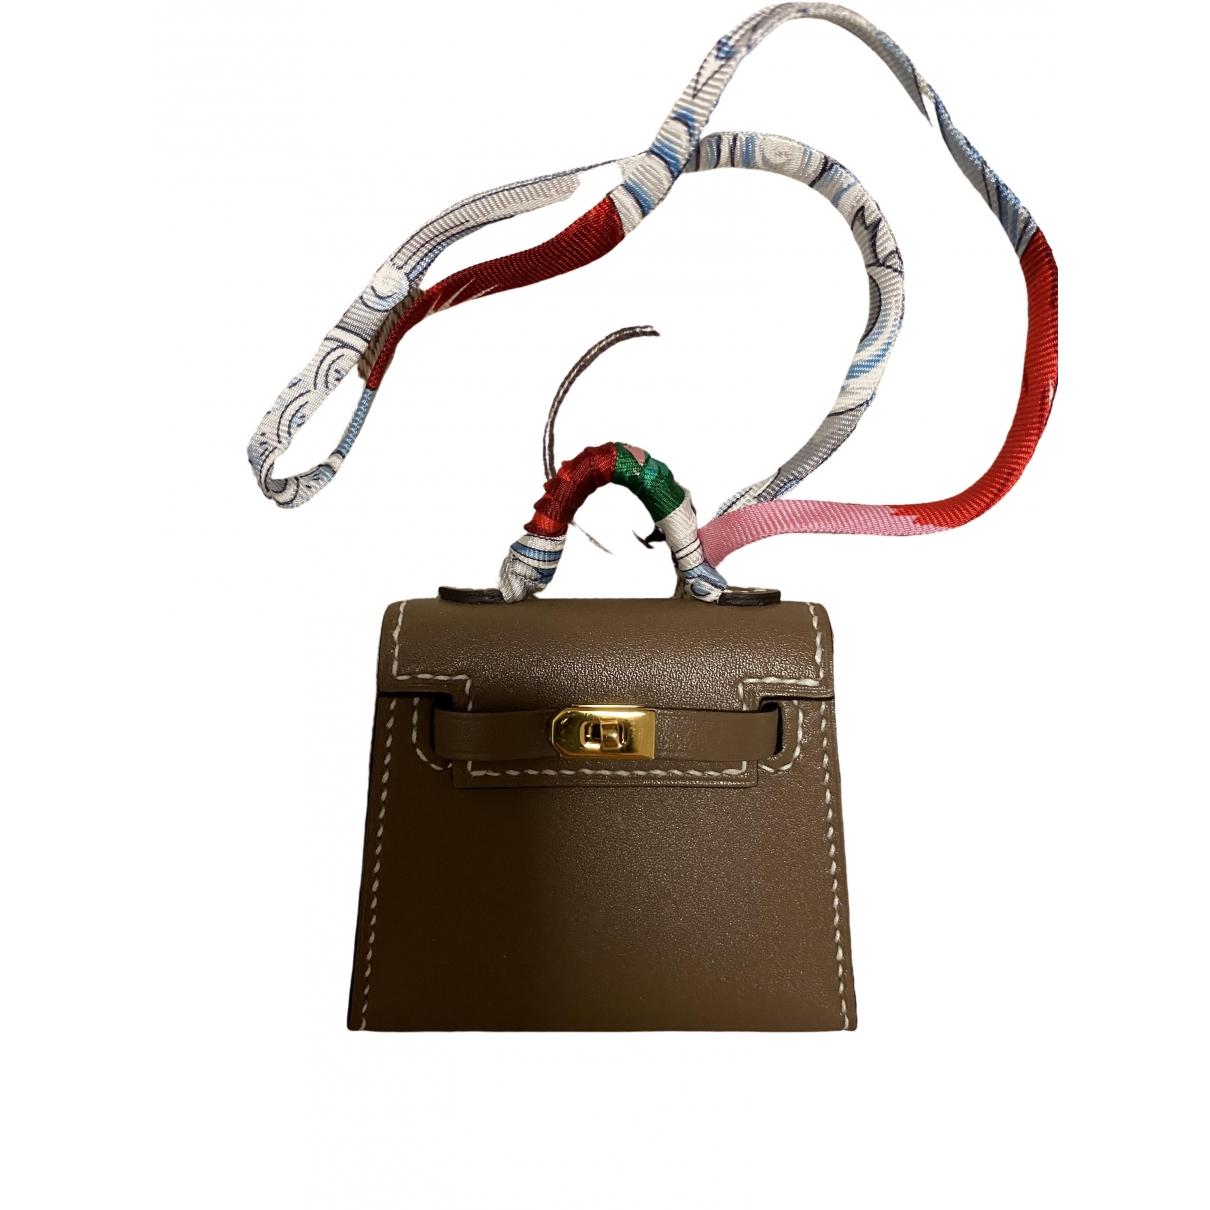 Hermes Kelly twilly charm Taschenschmuck in  Beige Leder